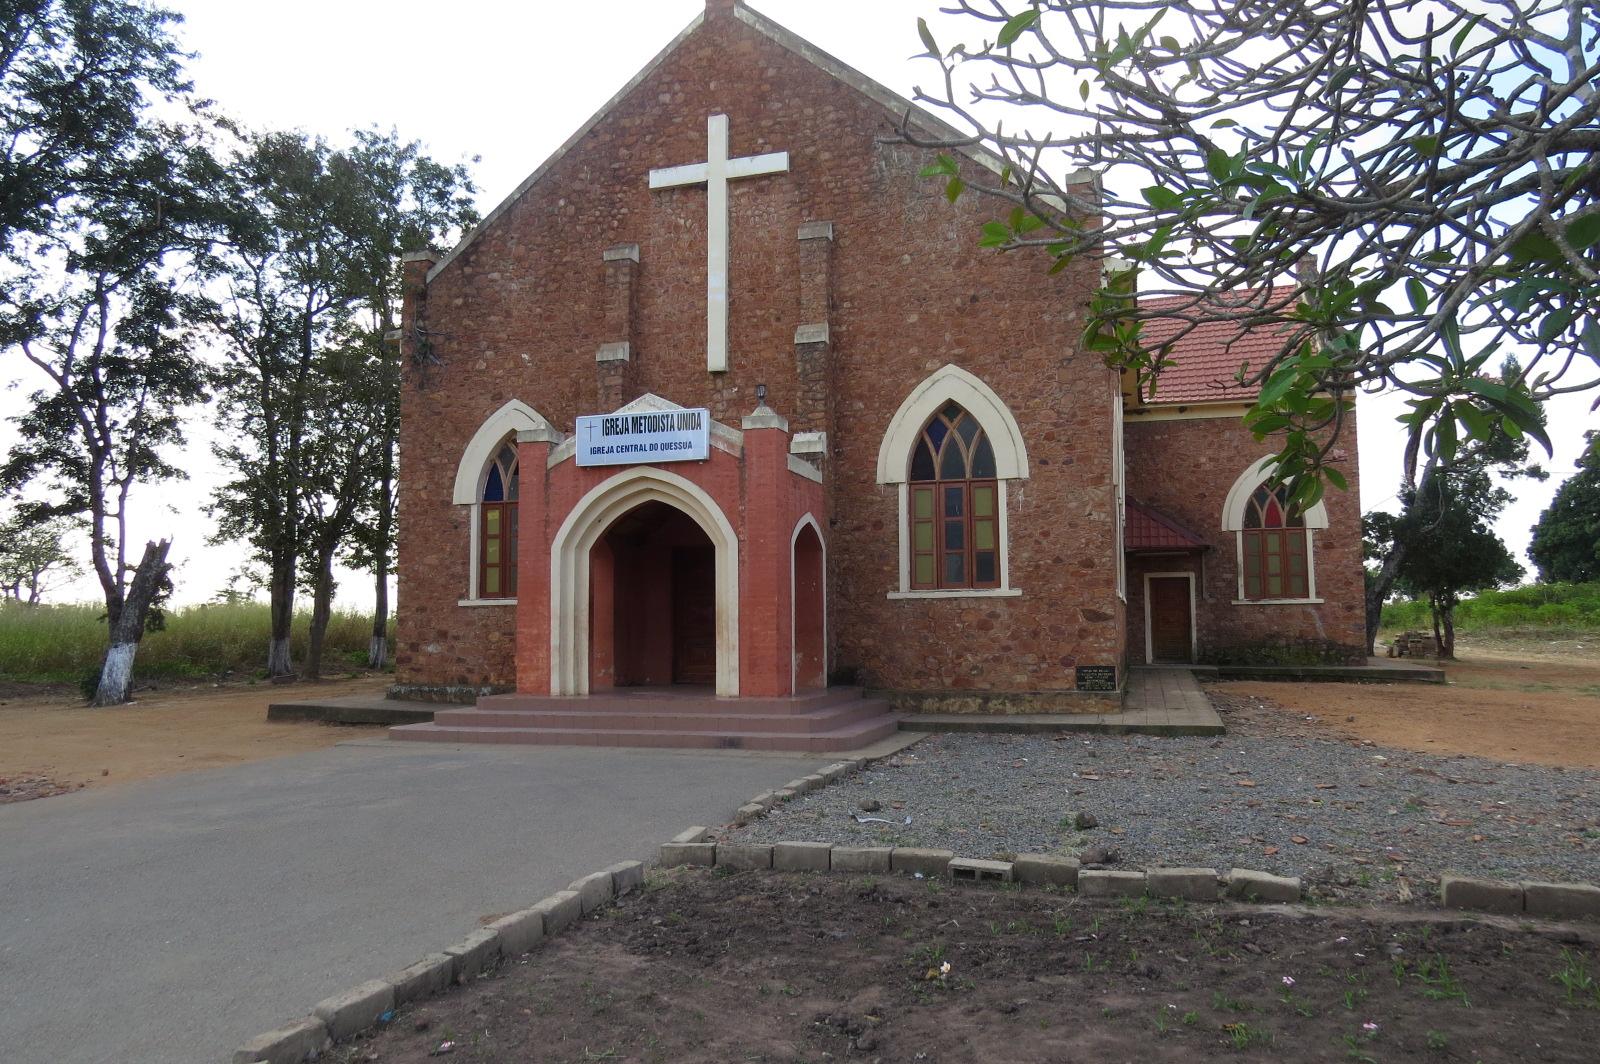 Iglesia metodista unida Central de la Misión de Quessua, Provincia de Melanje al oriente de Angola. Foto cortesía de la familia García-Benítez.